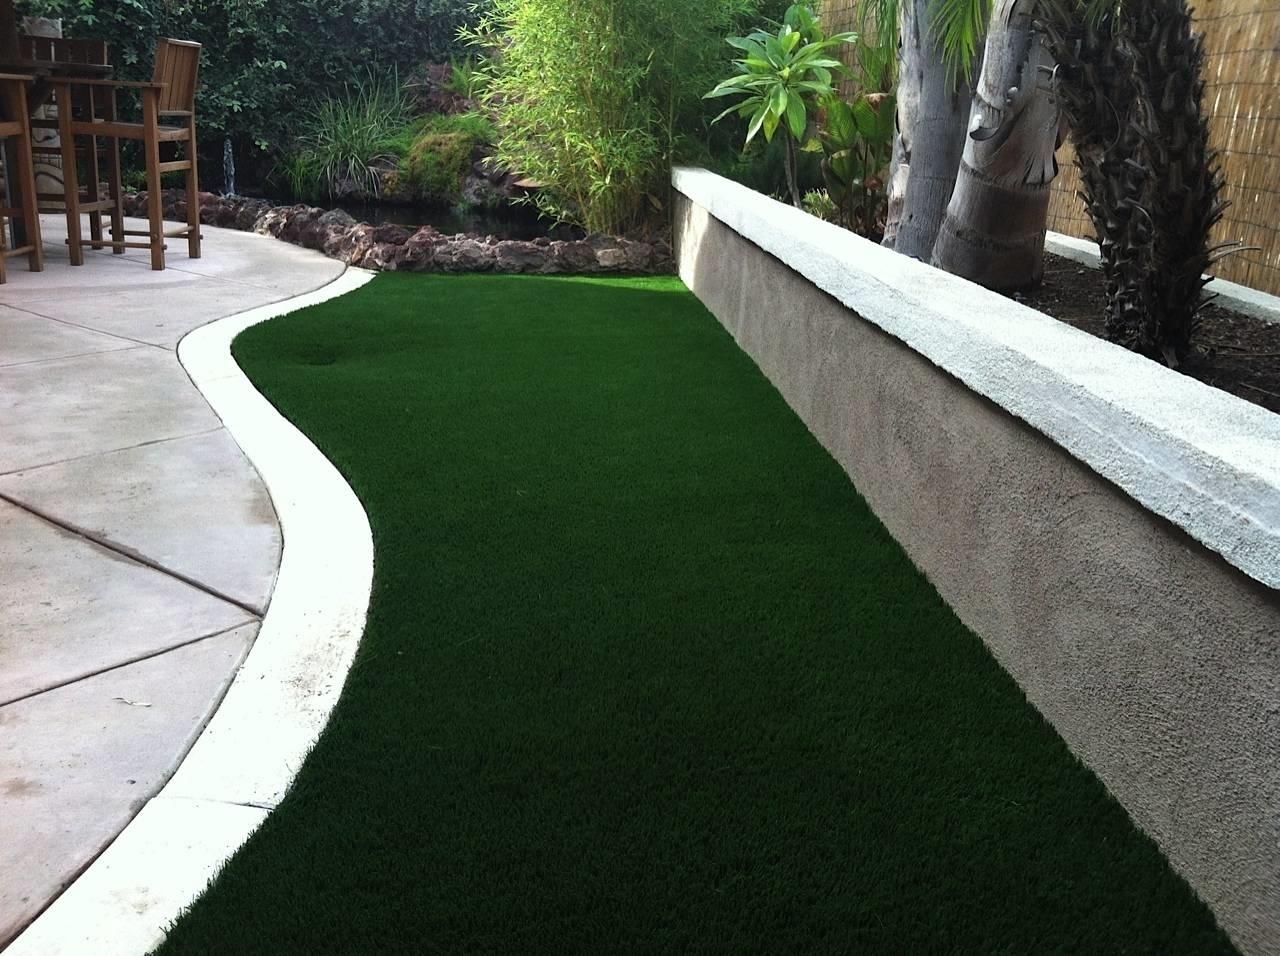 Erba sintetica per giardino prato erba sintetica per - Cosa mettere al posto dell erba in giardino ...